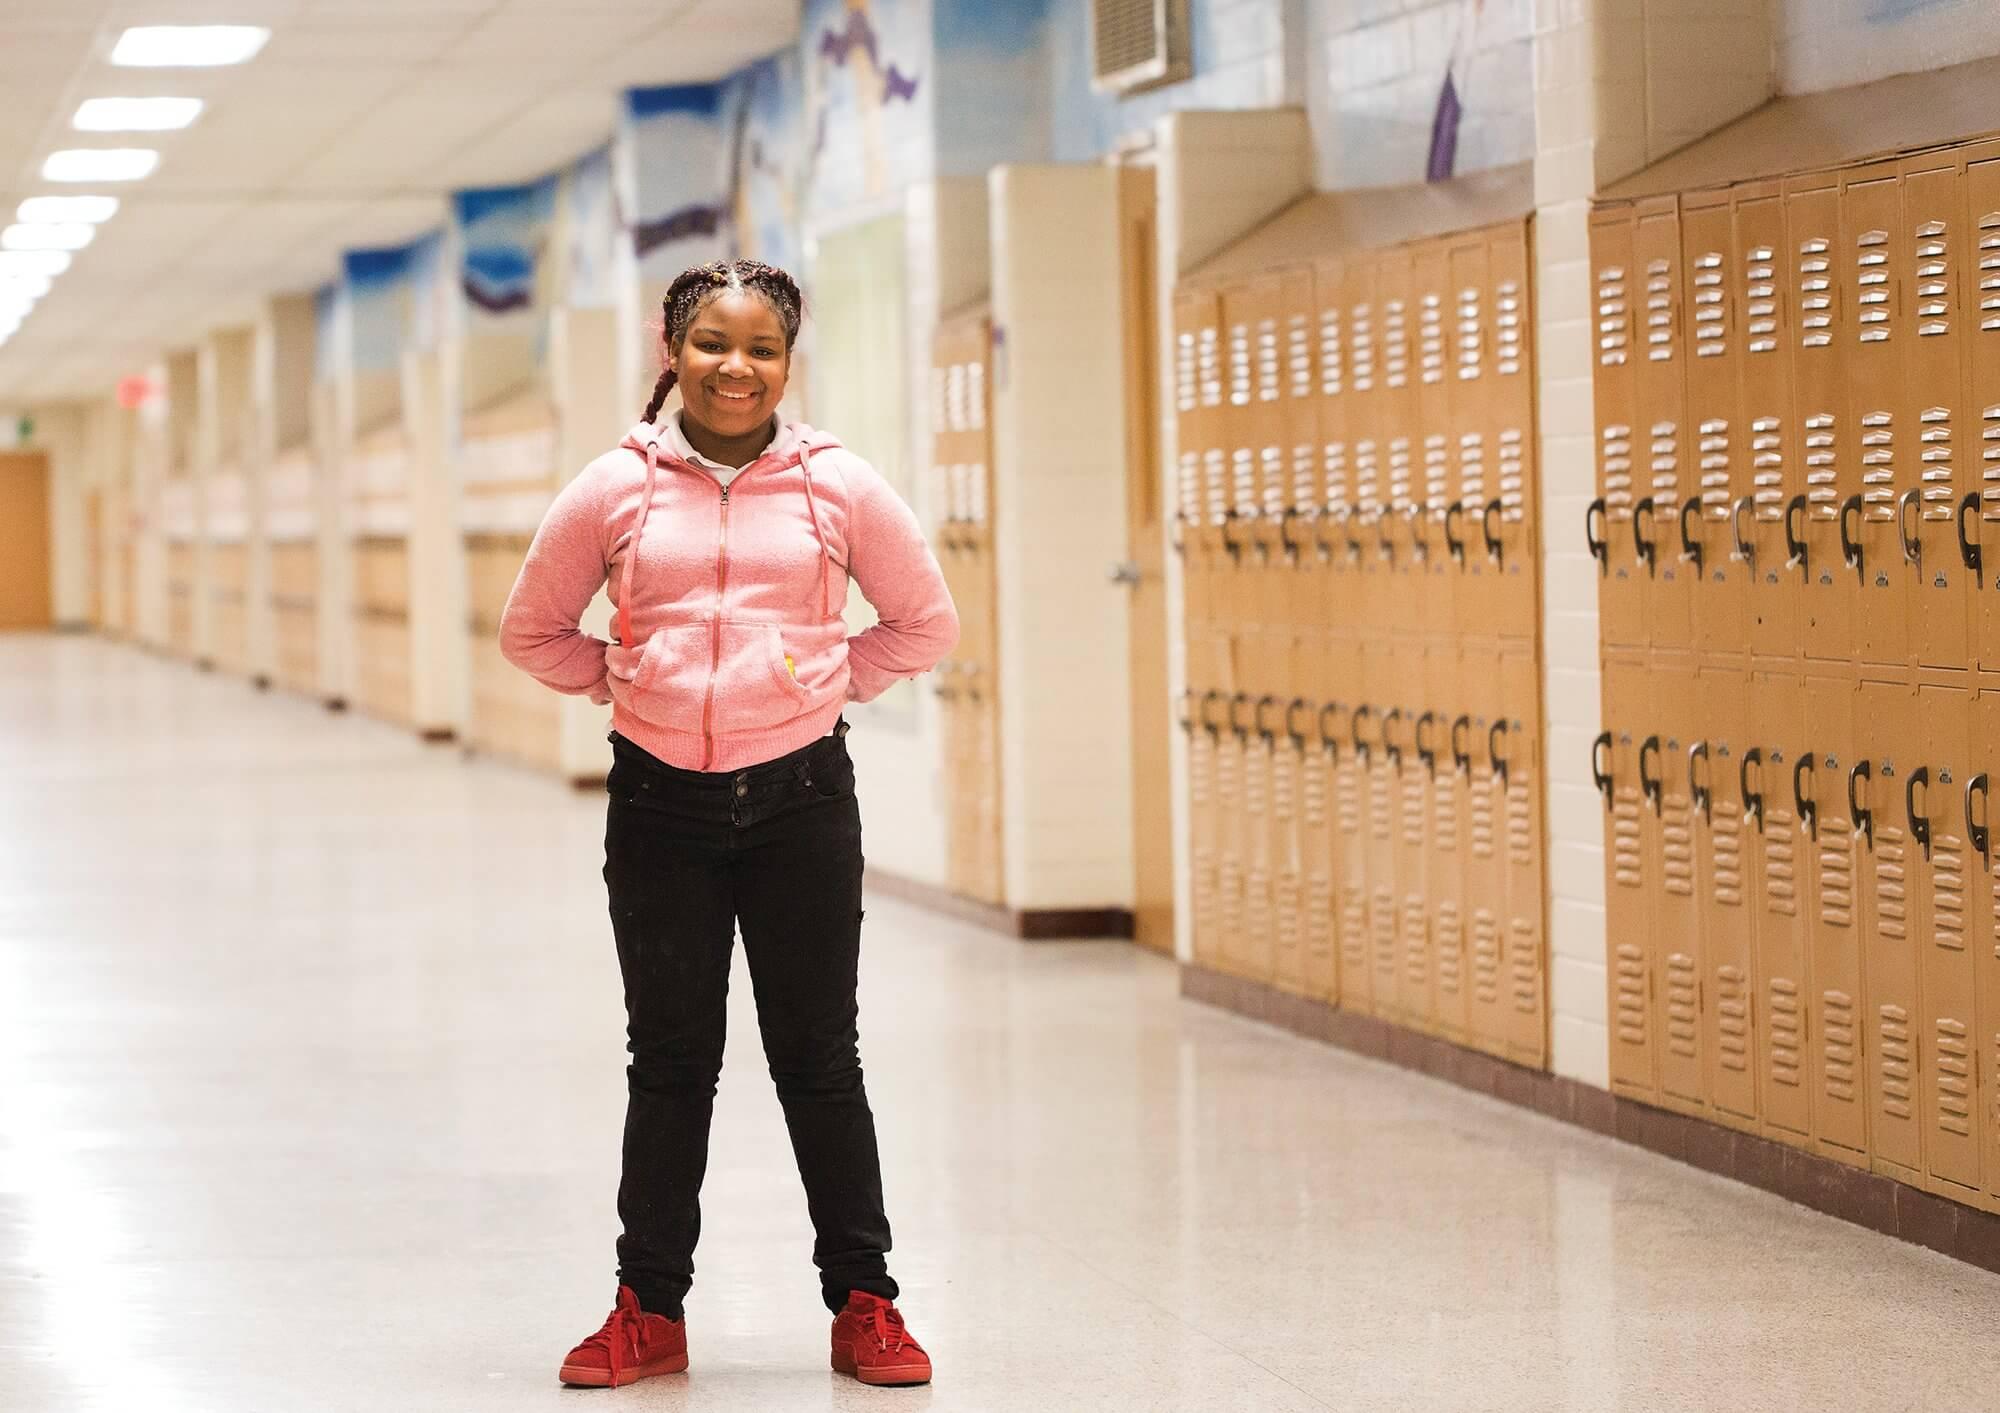 Kenya, 12, in the hallway of her school.